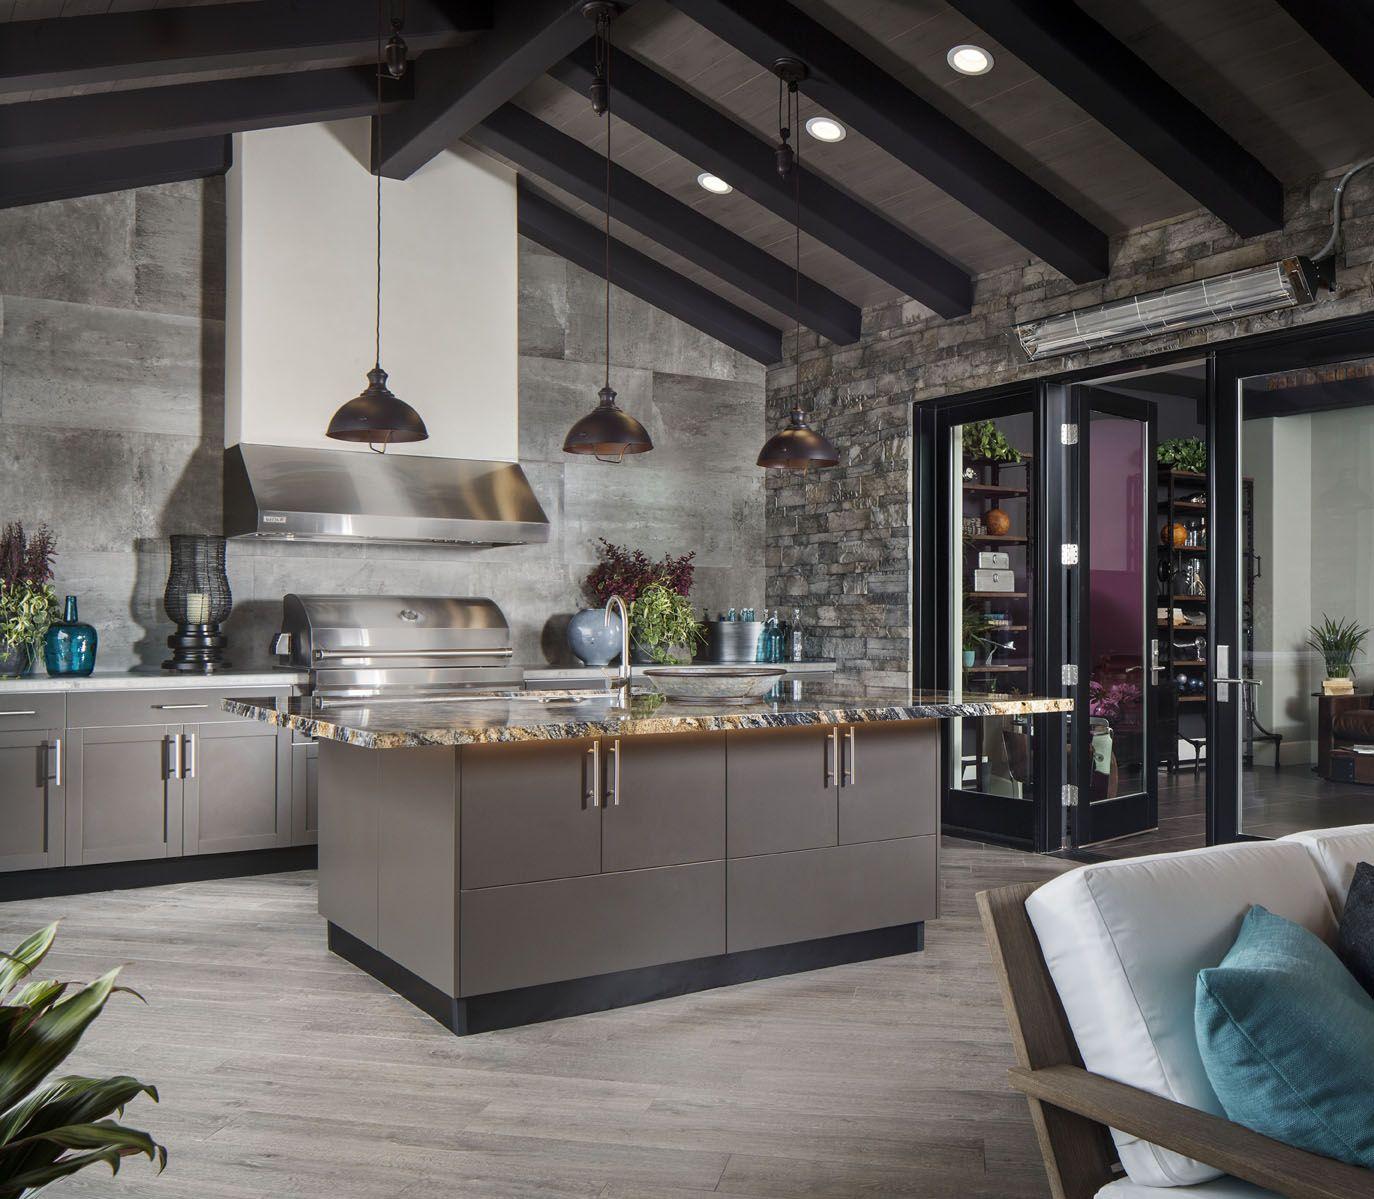 8 Outdoor Kitchen Designs Ideas Plans Outdoor Kitchen Design Cottage Kitchen Cabinets Kitchen Design